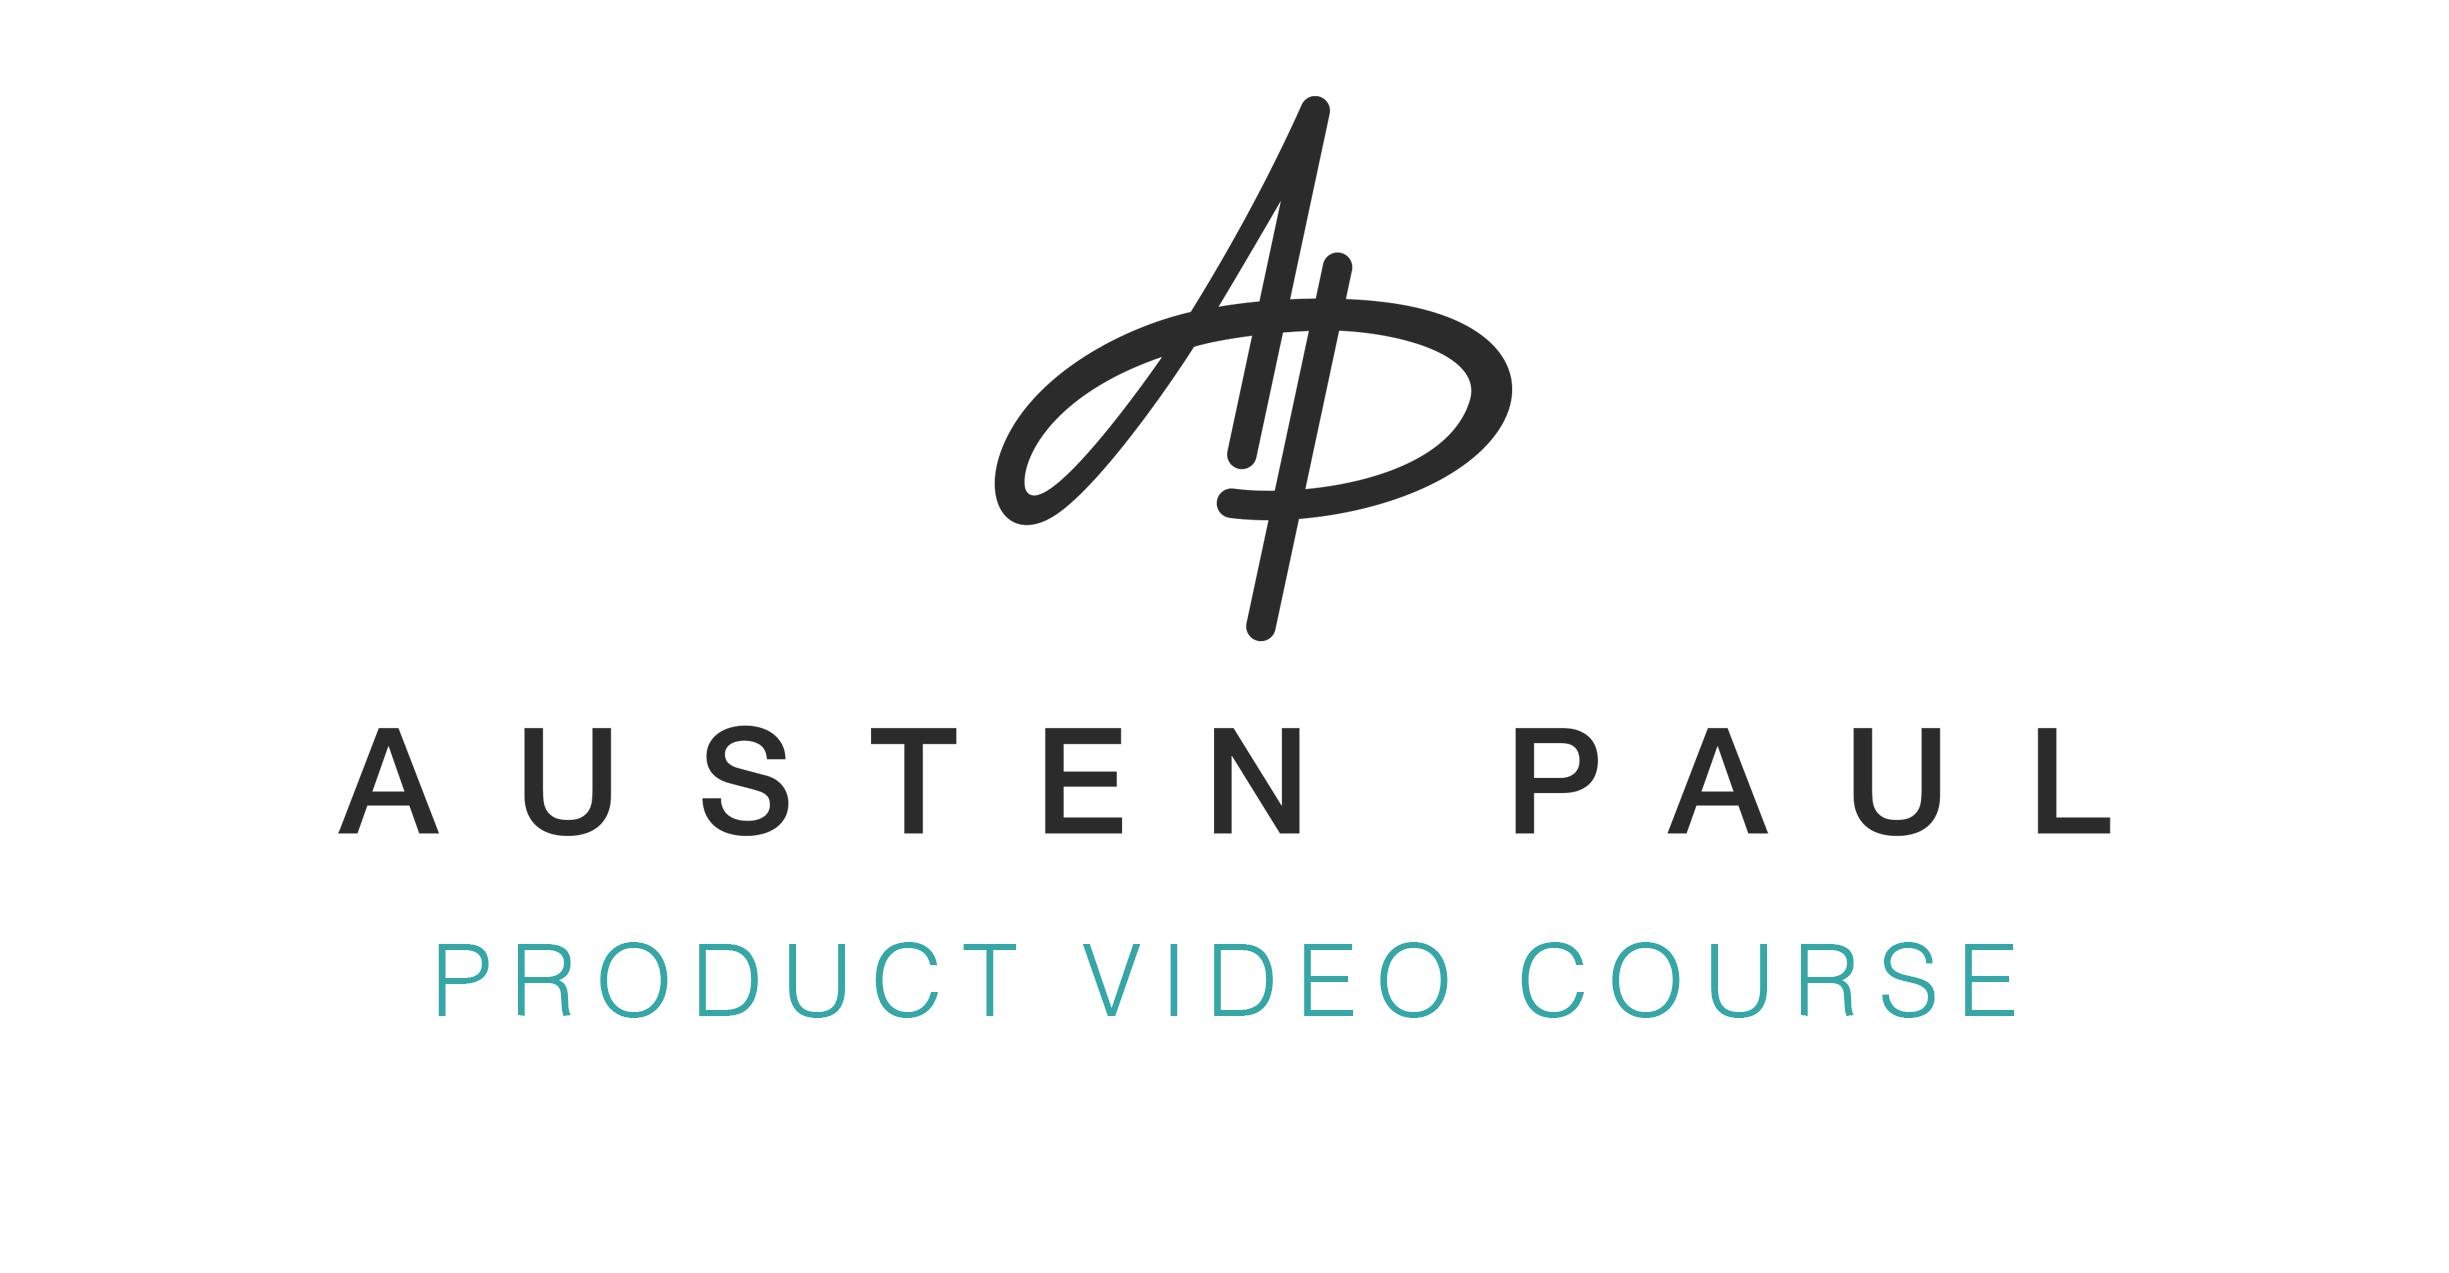 Austen Paul Productions